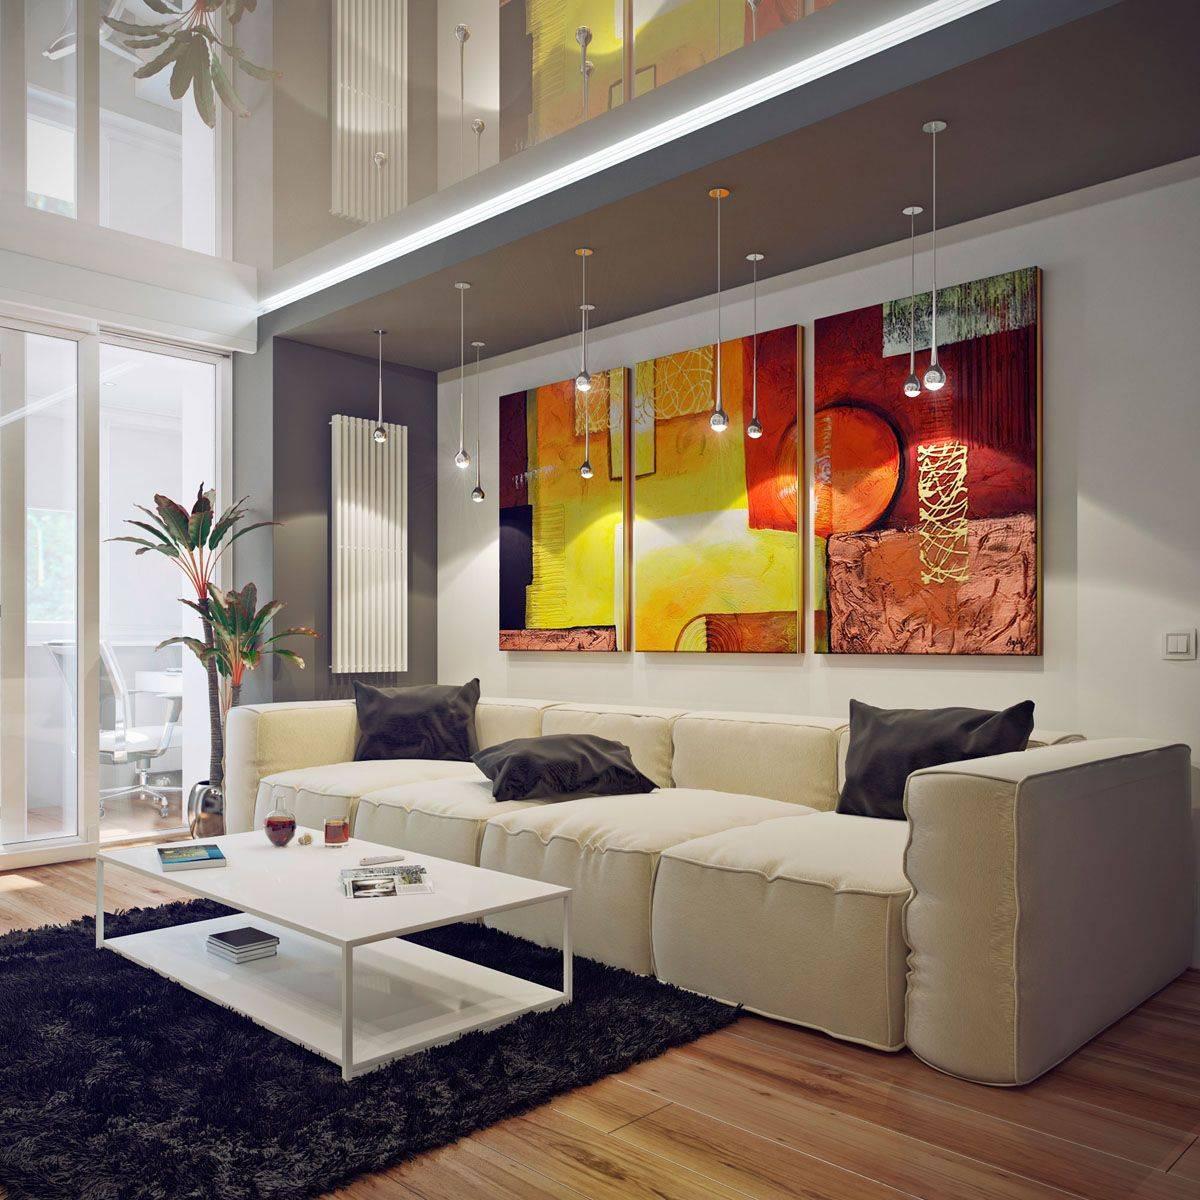 популярная стрижка смотреть картинки интерьеров квартир молодожены